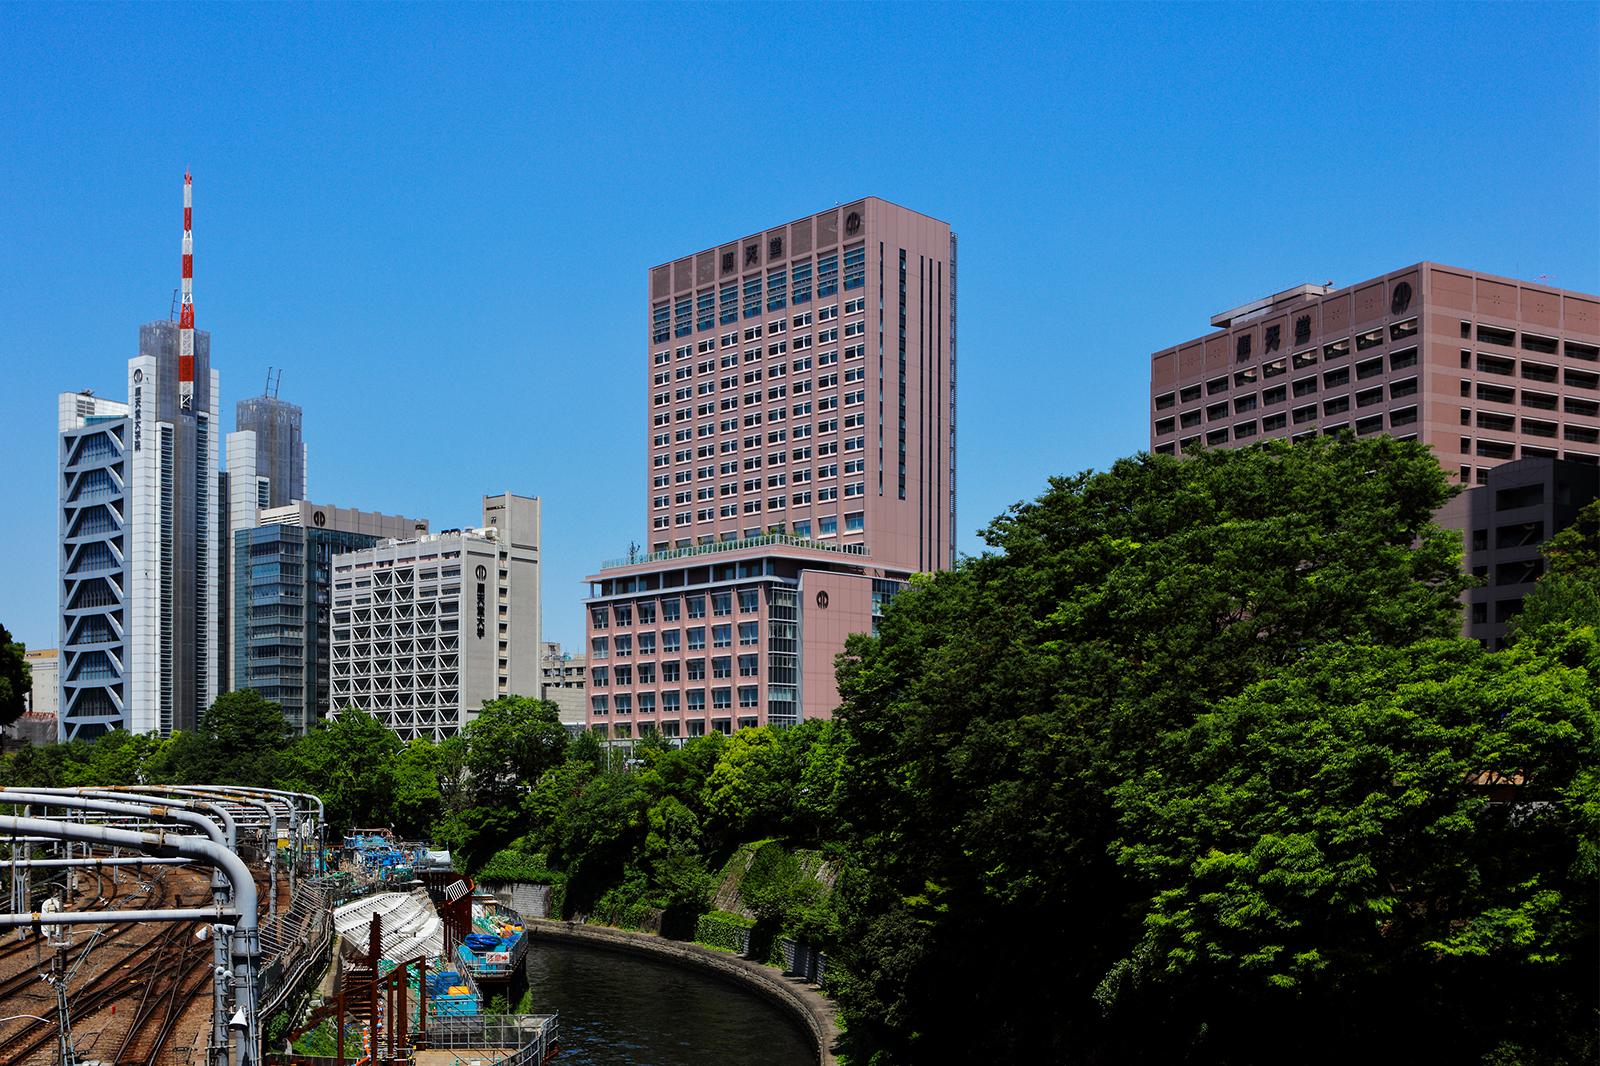 順天堂大学医学部附属 順天堂醫院 B棟